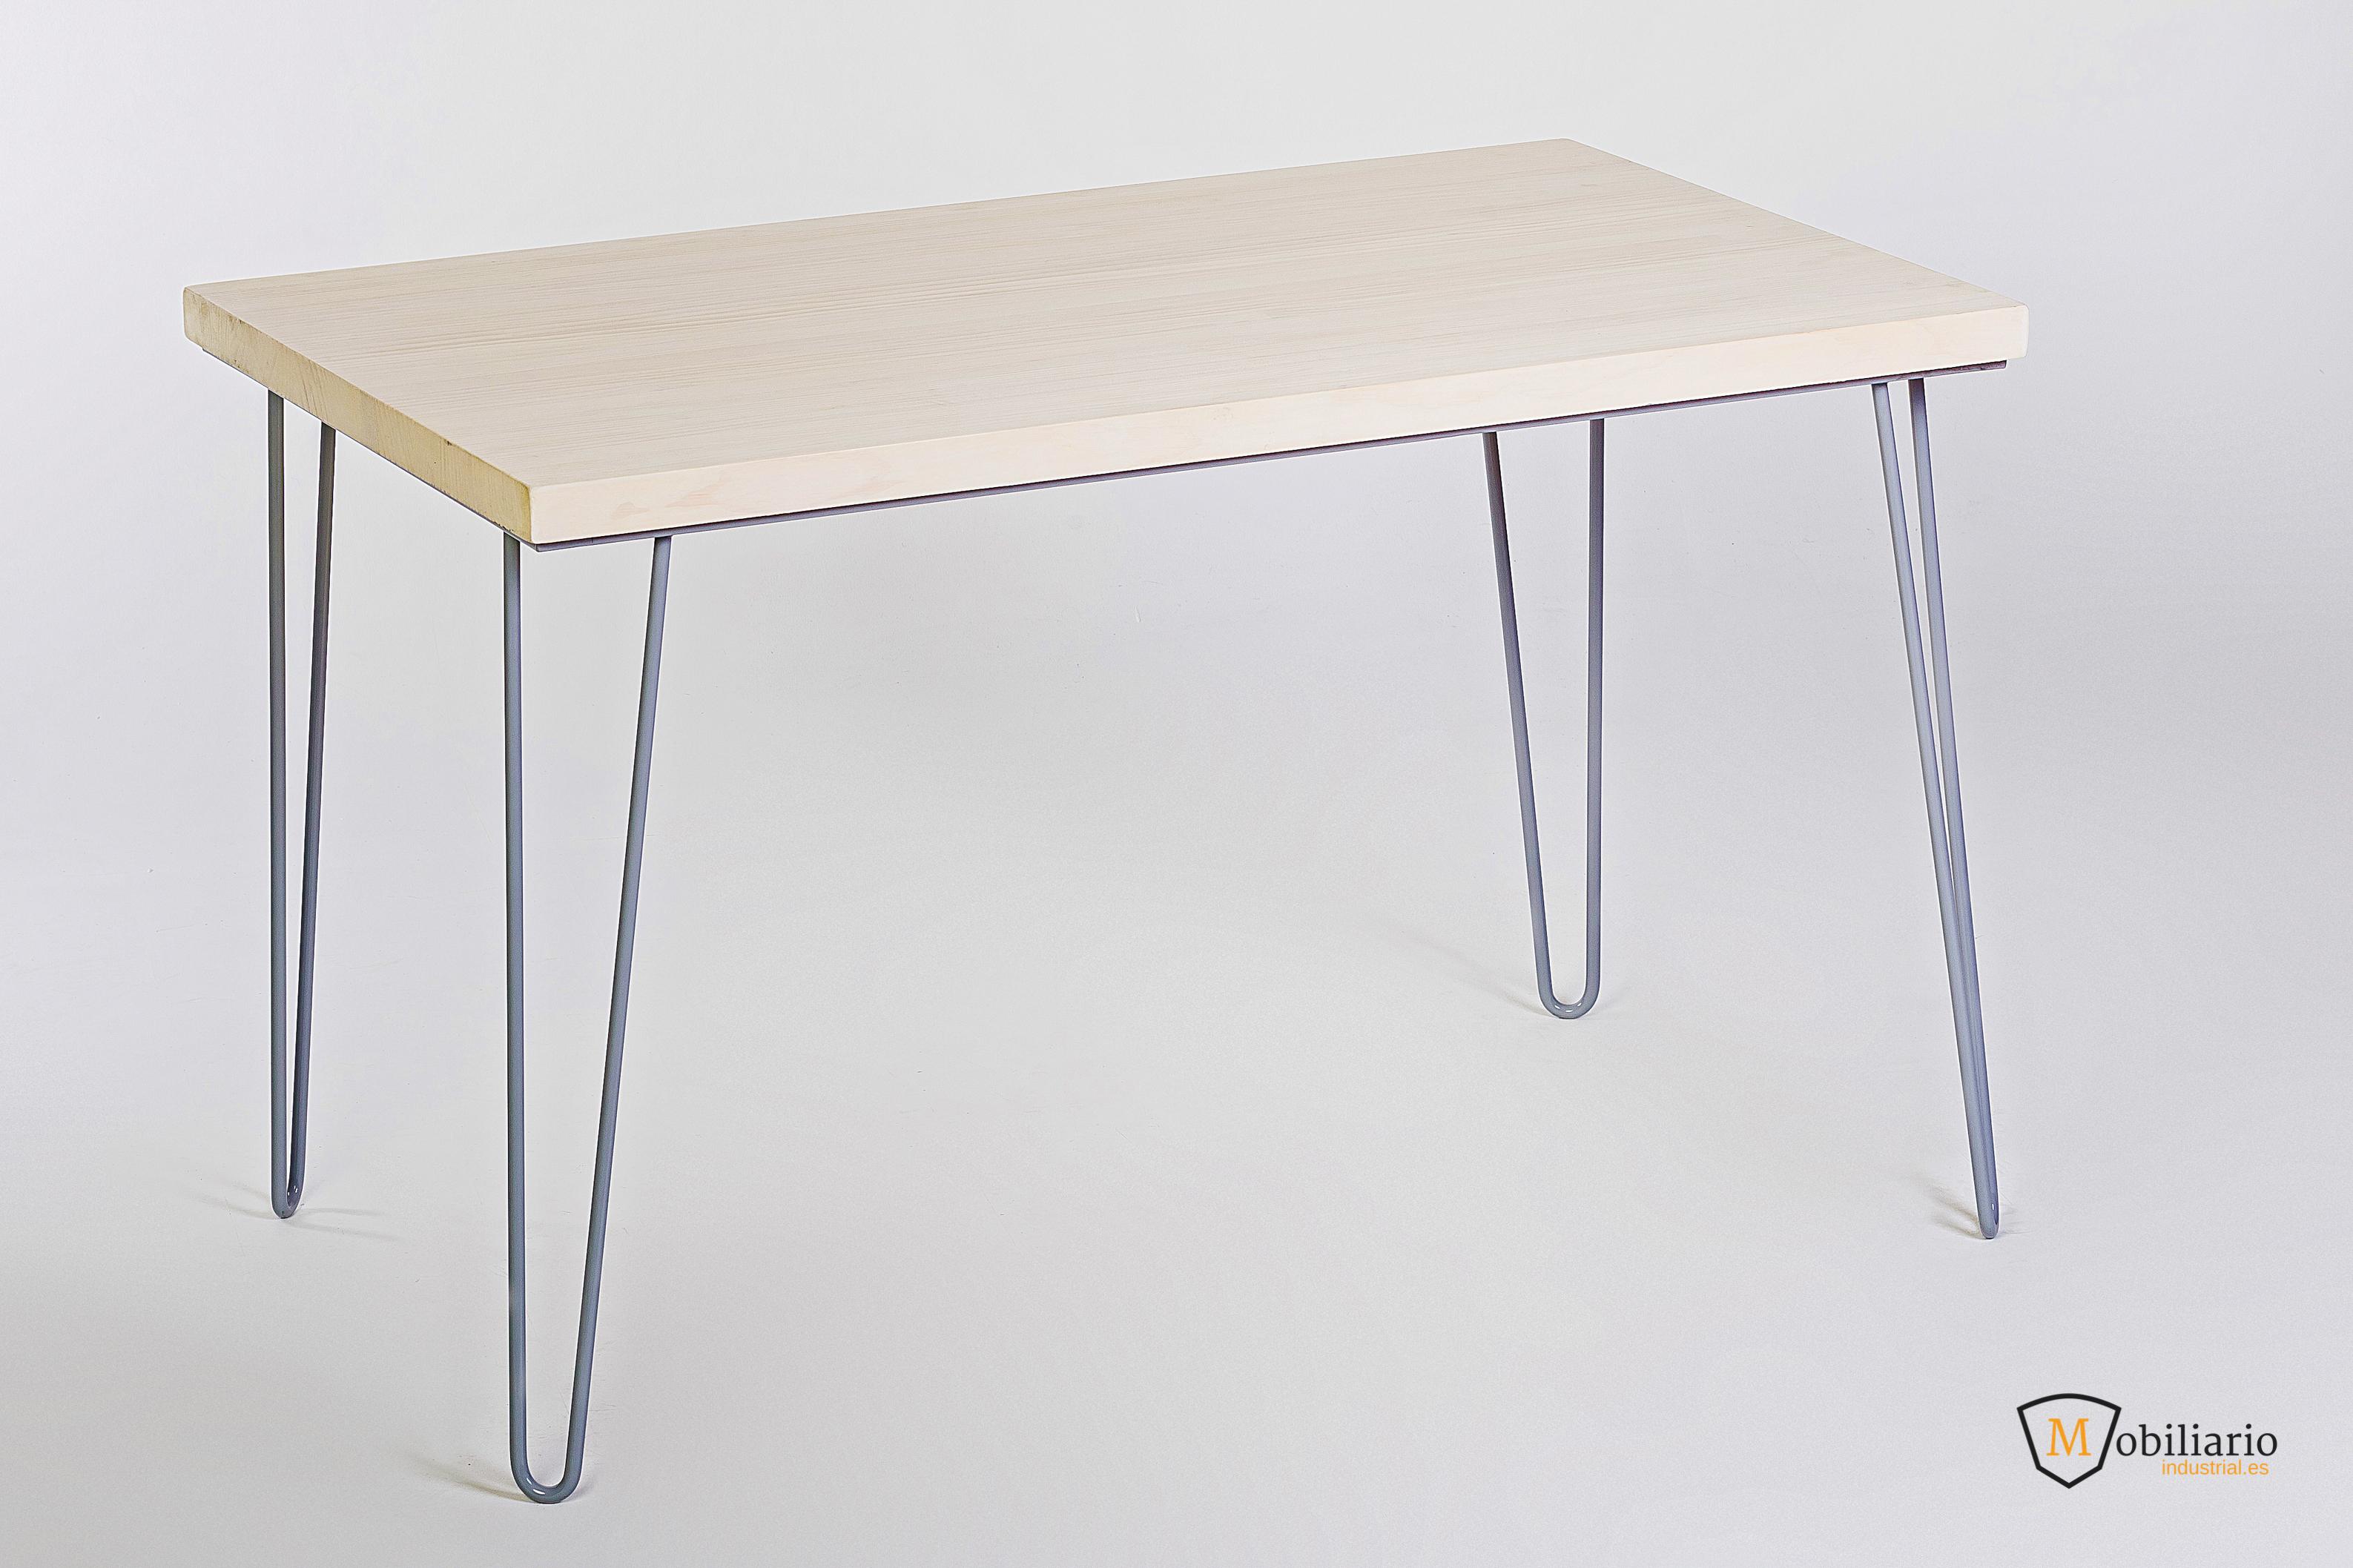 fabricar una mesa por poco dinero